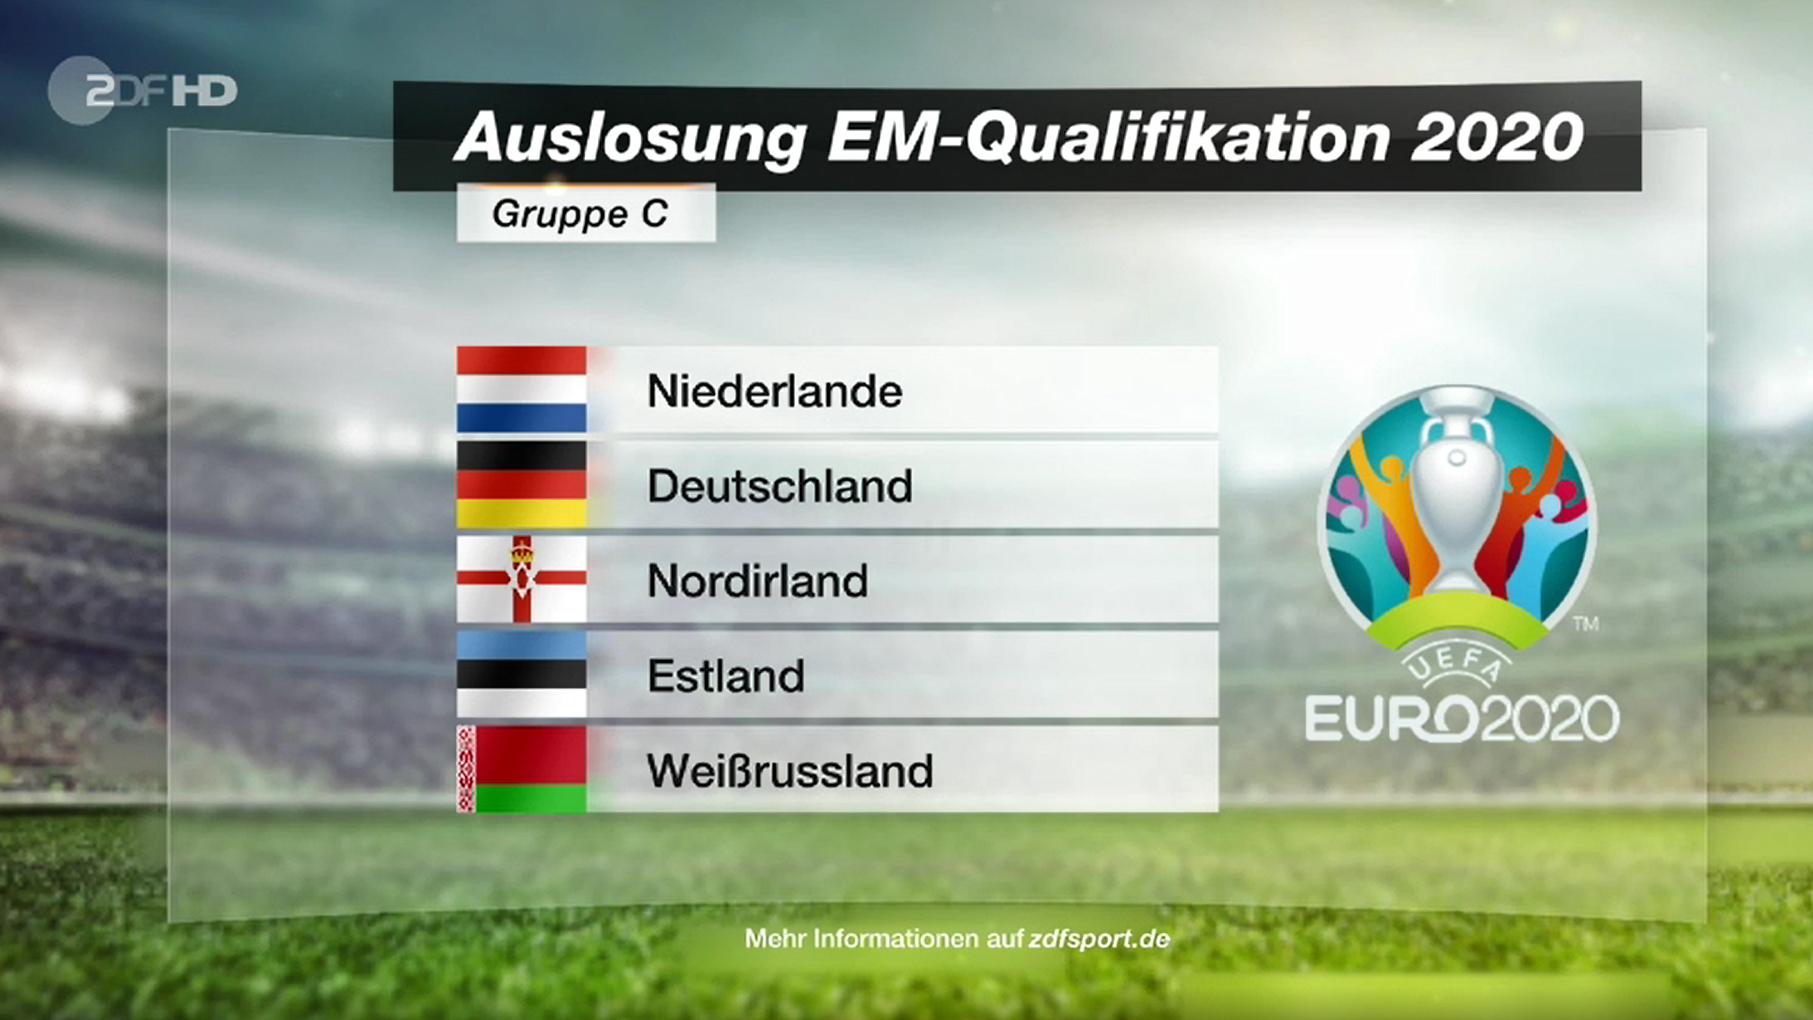 Dfb Team In Gruppe C Mit Den Niederlanden